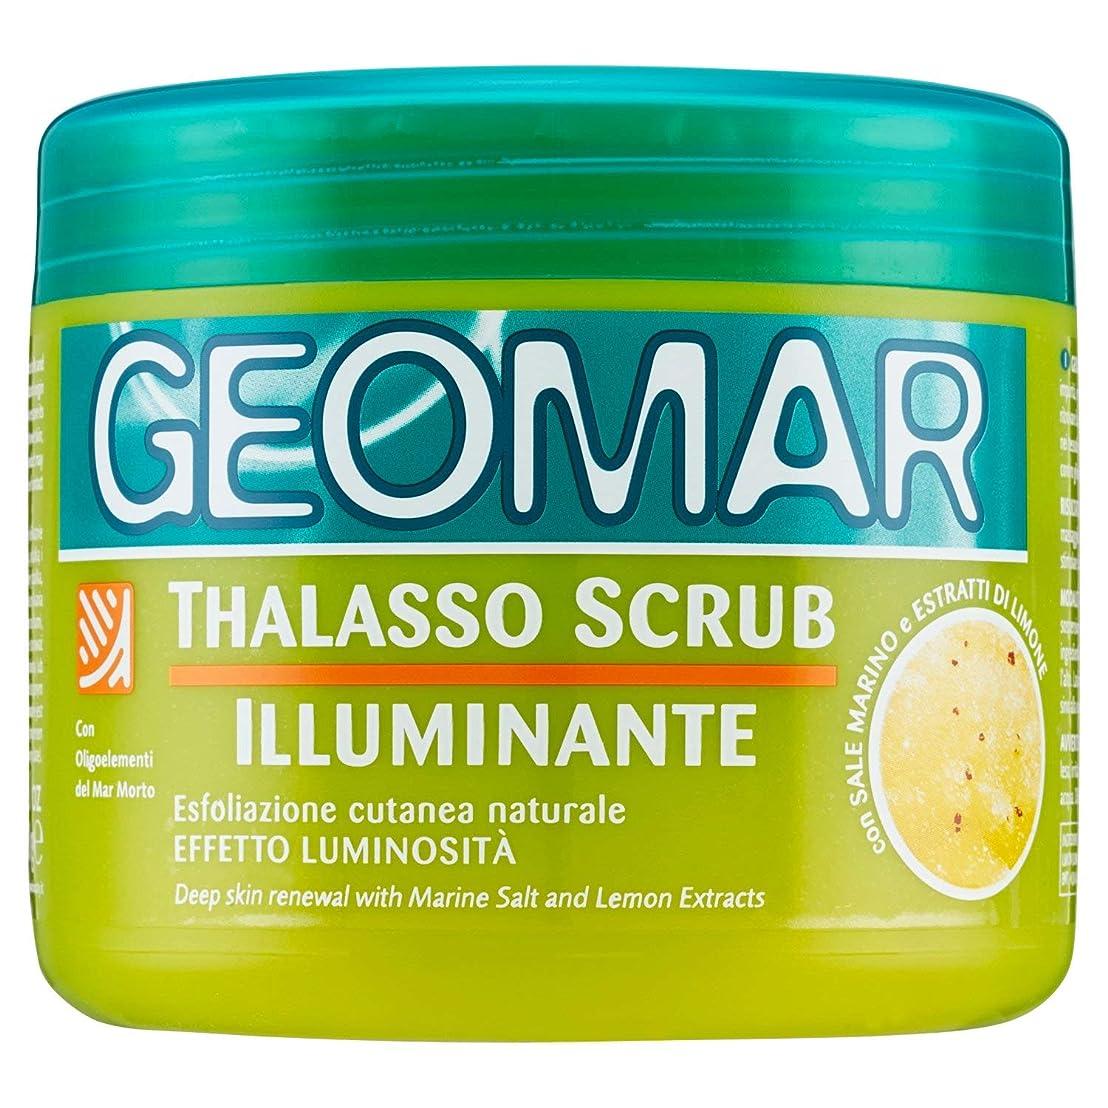 習慣自信がある精通したジェオマール タラソスクラブ イルミナント#レモン600g [並行輸入品]